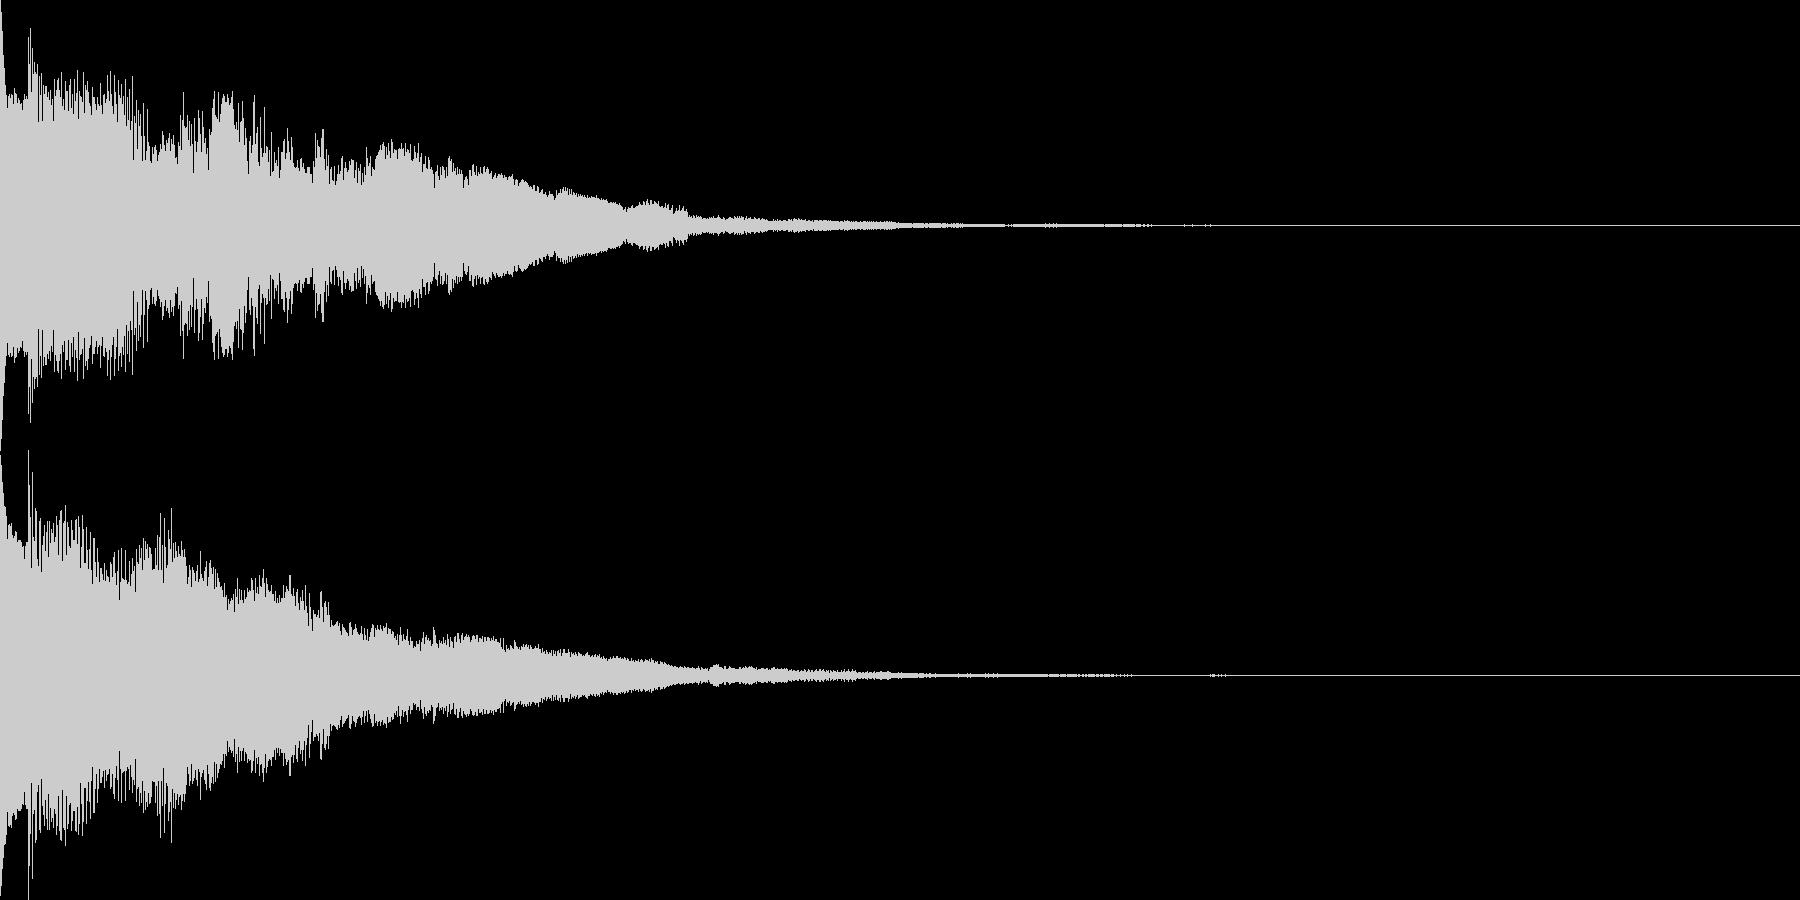 システム音39の未再生の波形